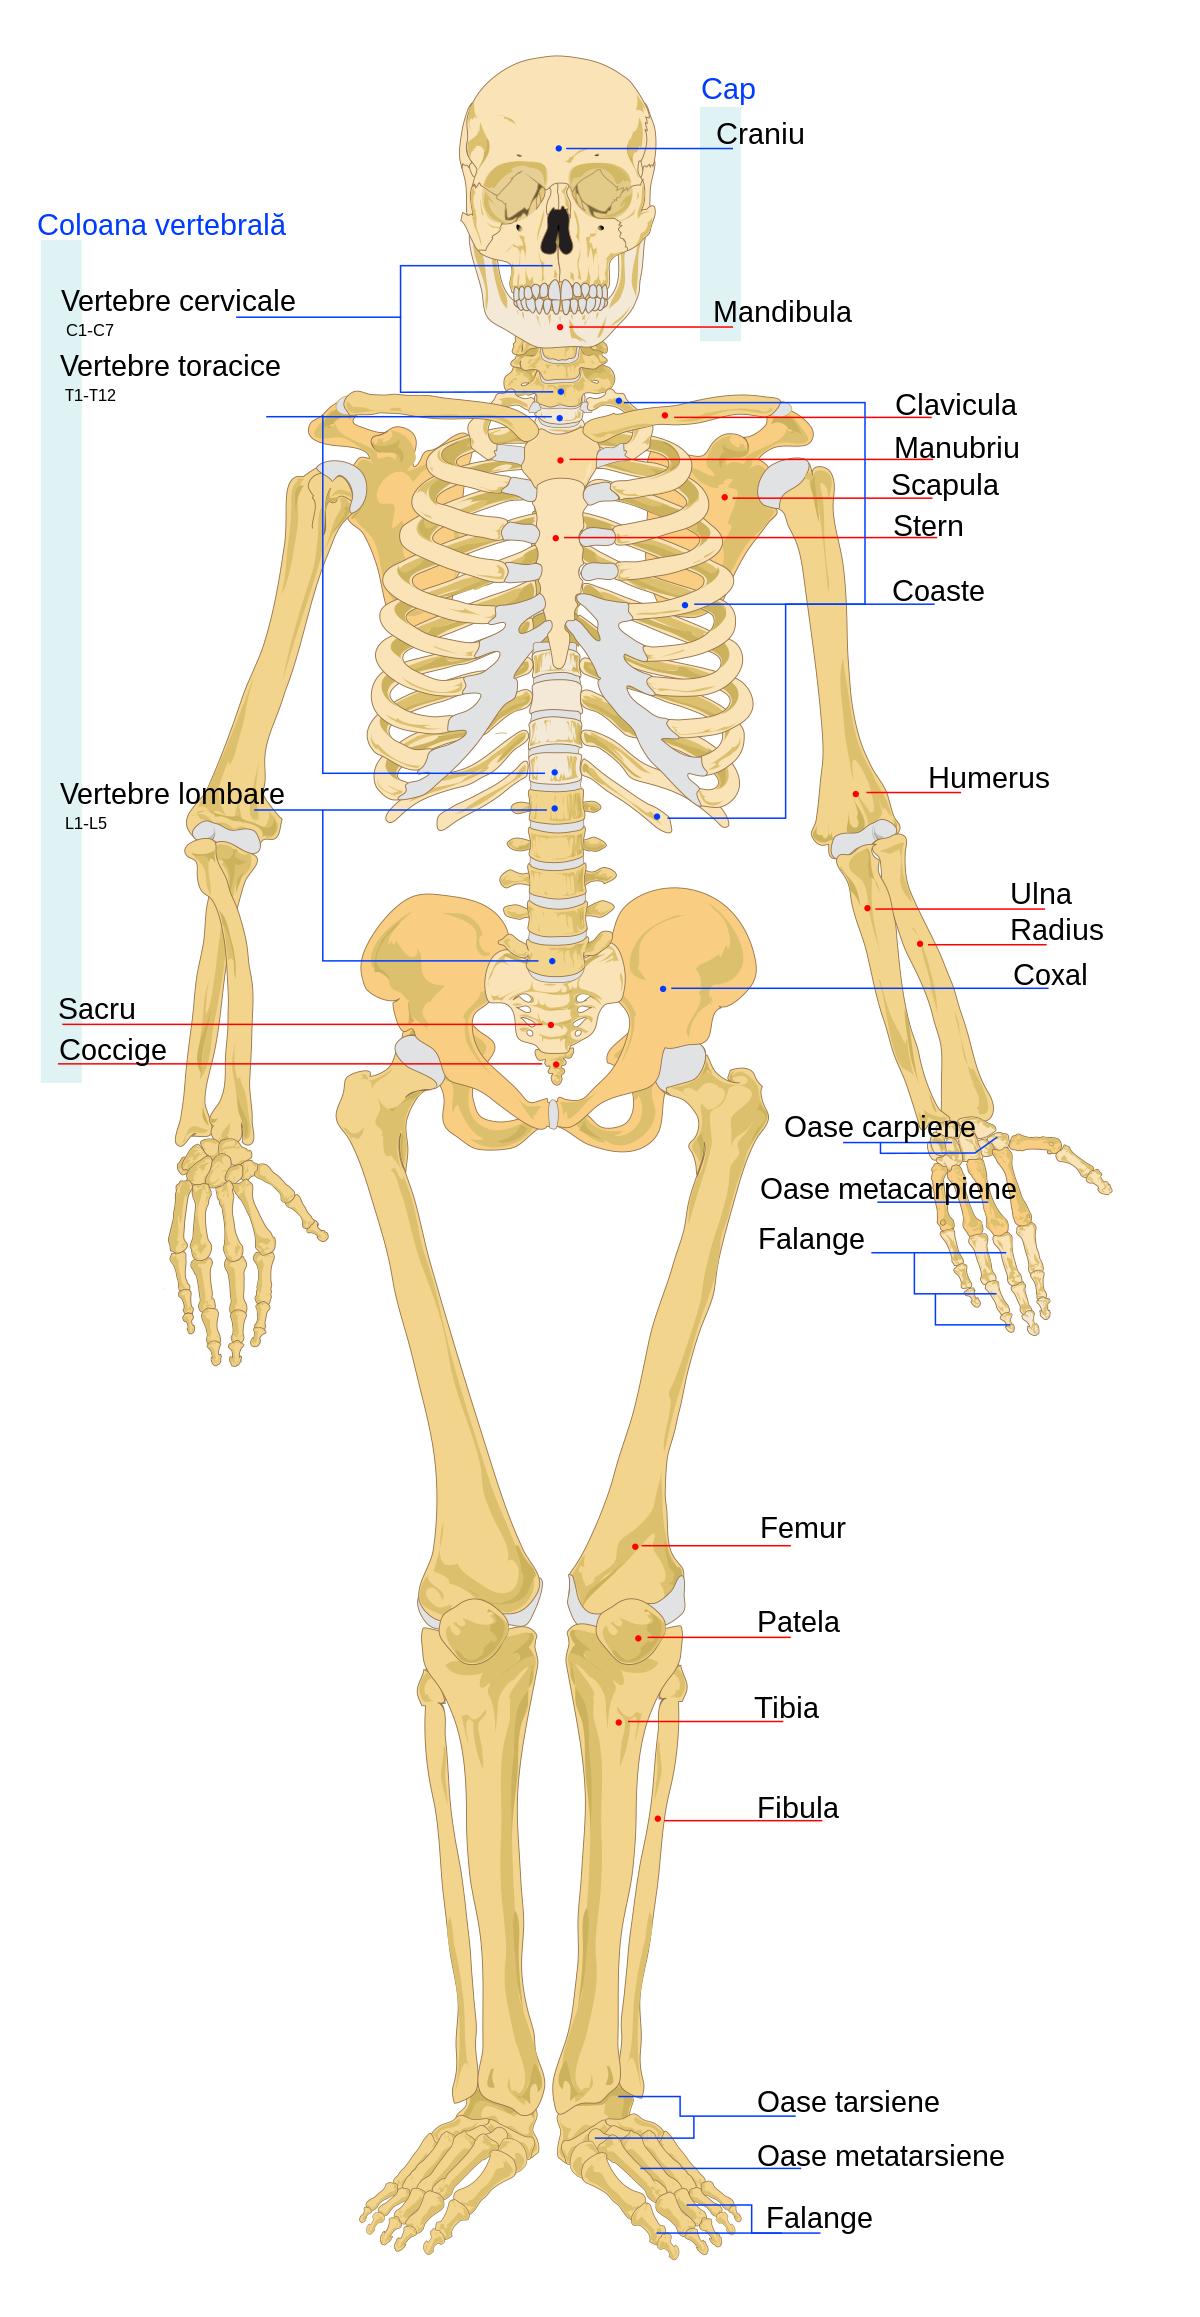 durerea în sacru dă articulațiilor